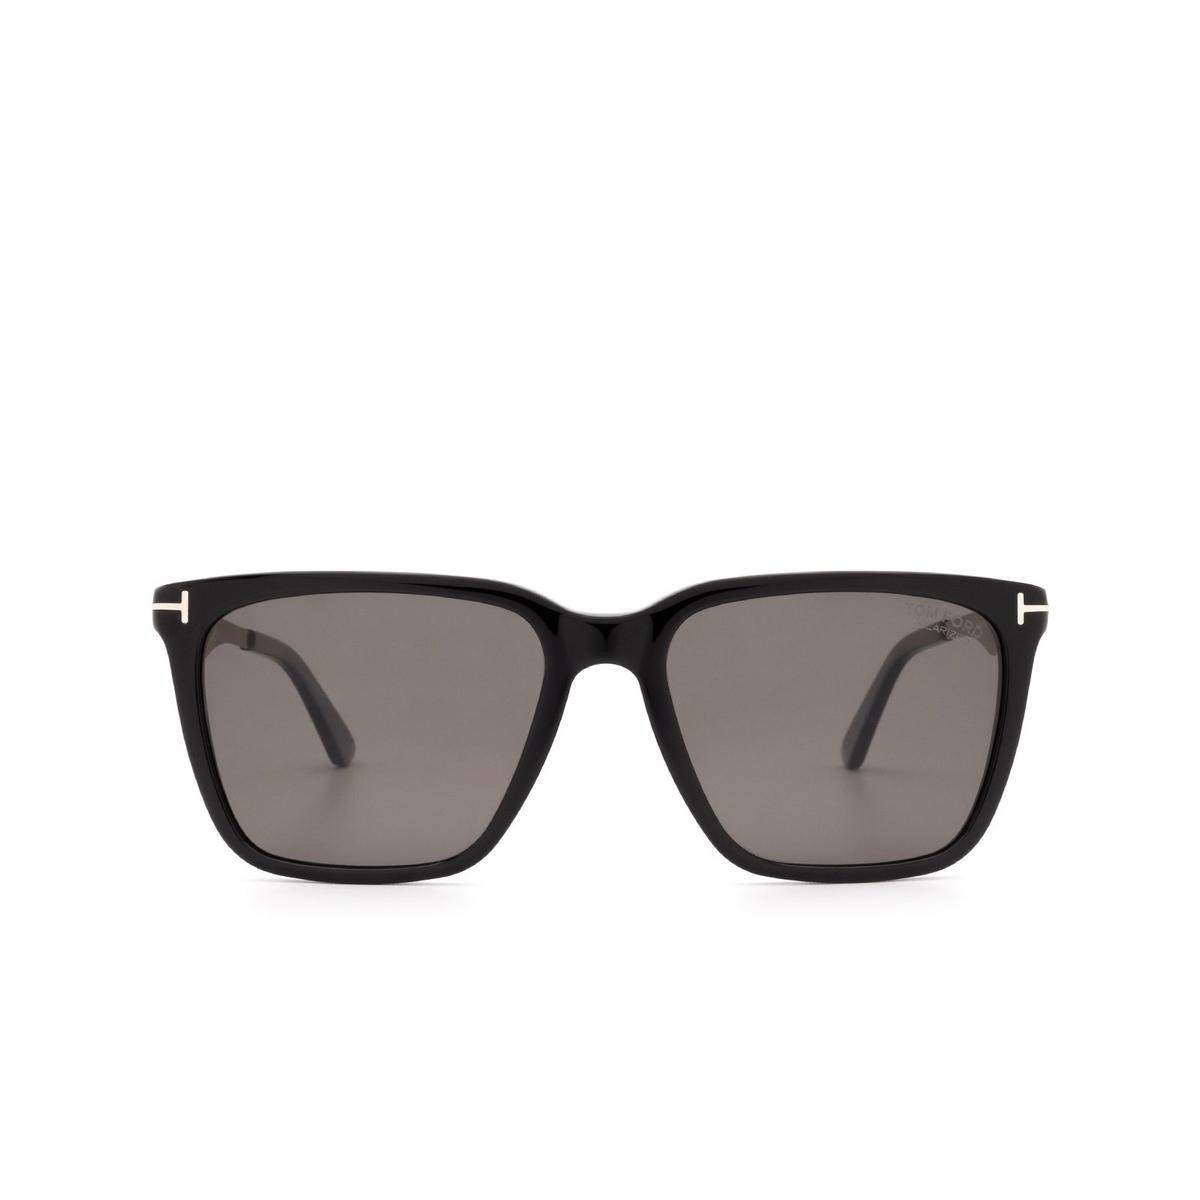 Tom Ford® Square Sunglasses: Garret FT0862 color Black 01D.